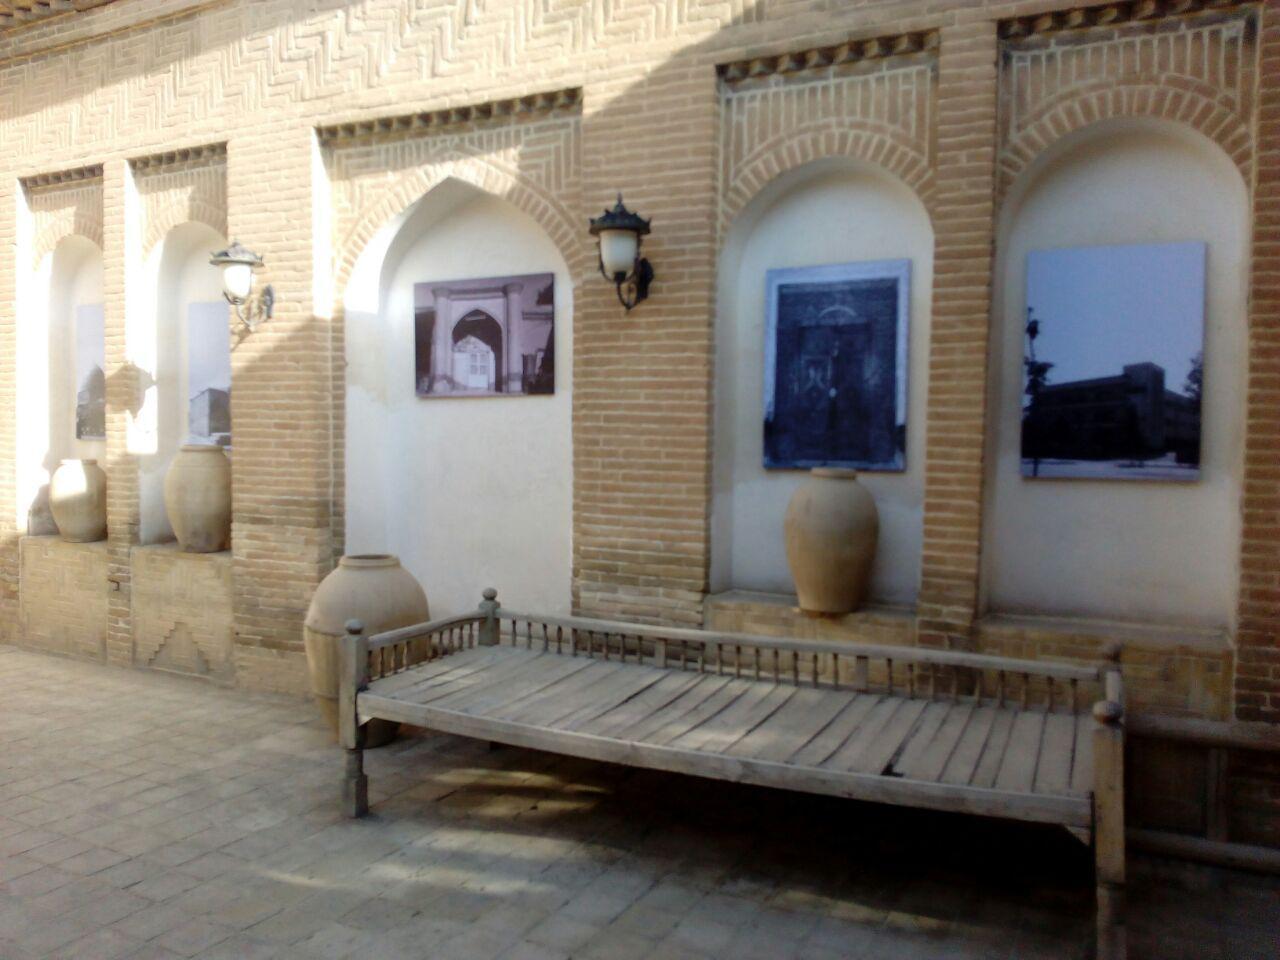 خانه افتخارالاسلام طباطبایی بروجرد